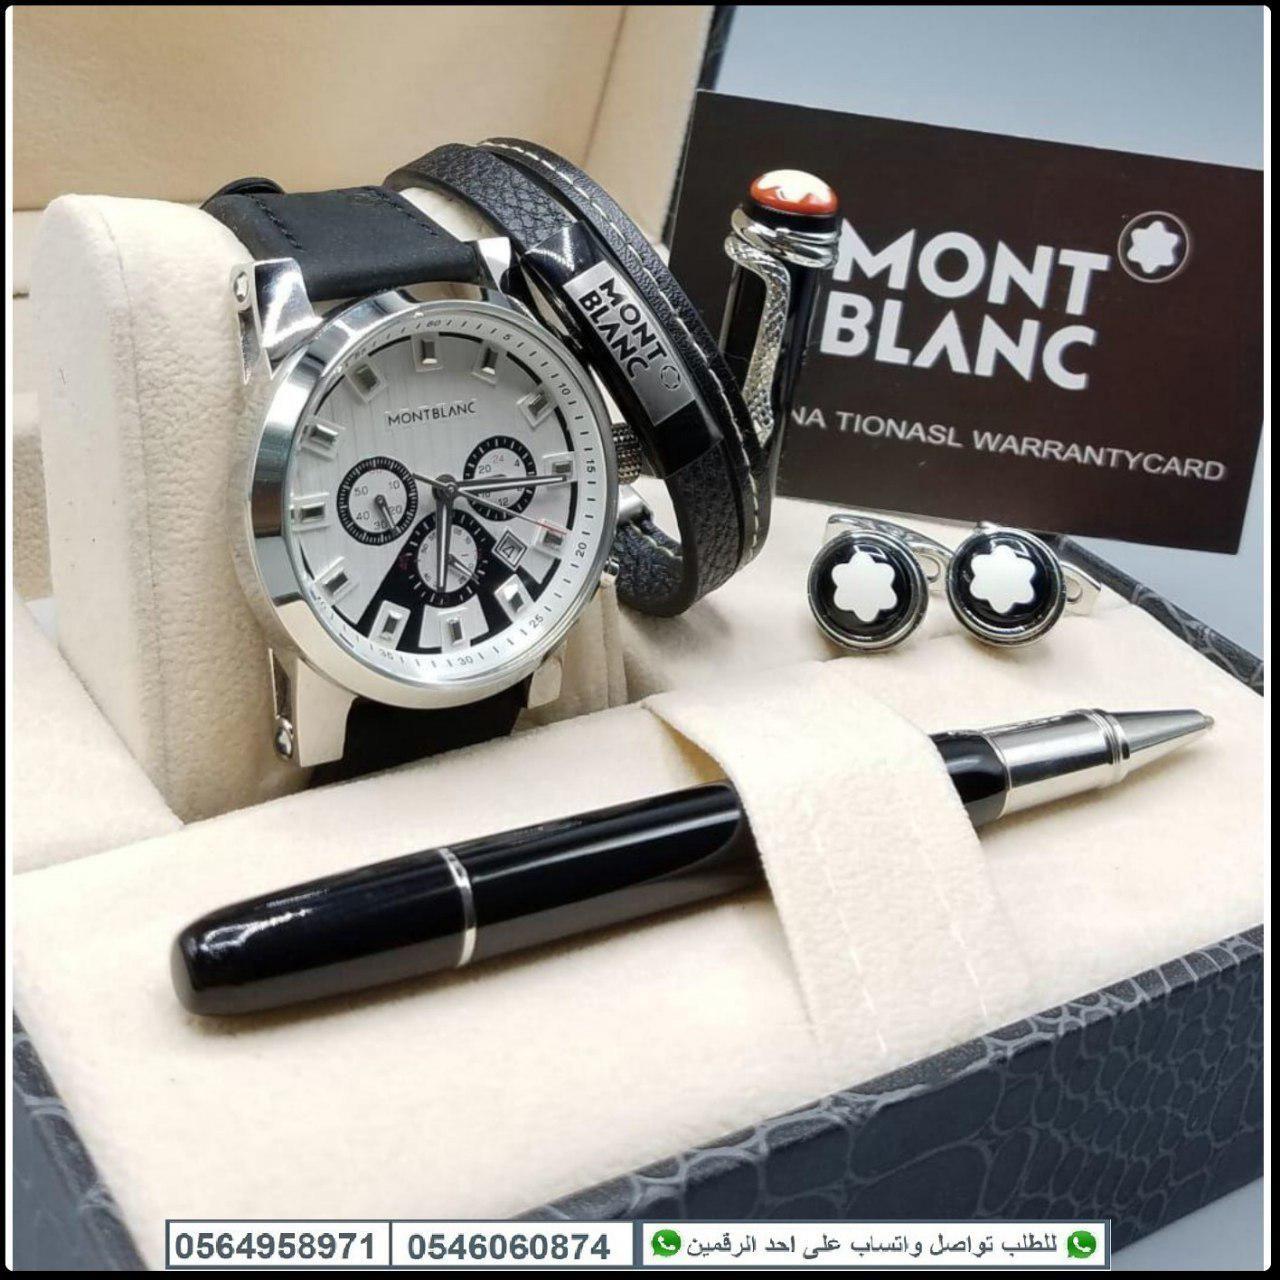 ساعات مونت بلانك رجاليه Mont Blanc درجه اولى مع قلم و كبك و اسواره هدايا هنوف Michael Kors Watch Casio Watch Kors Watches